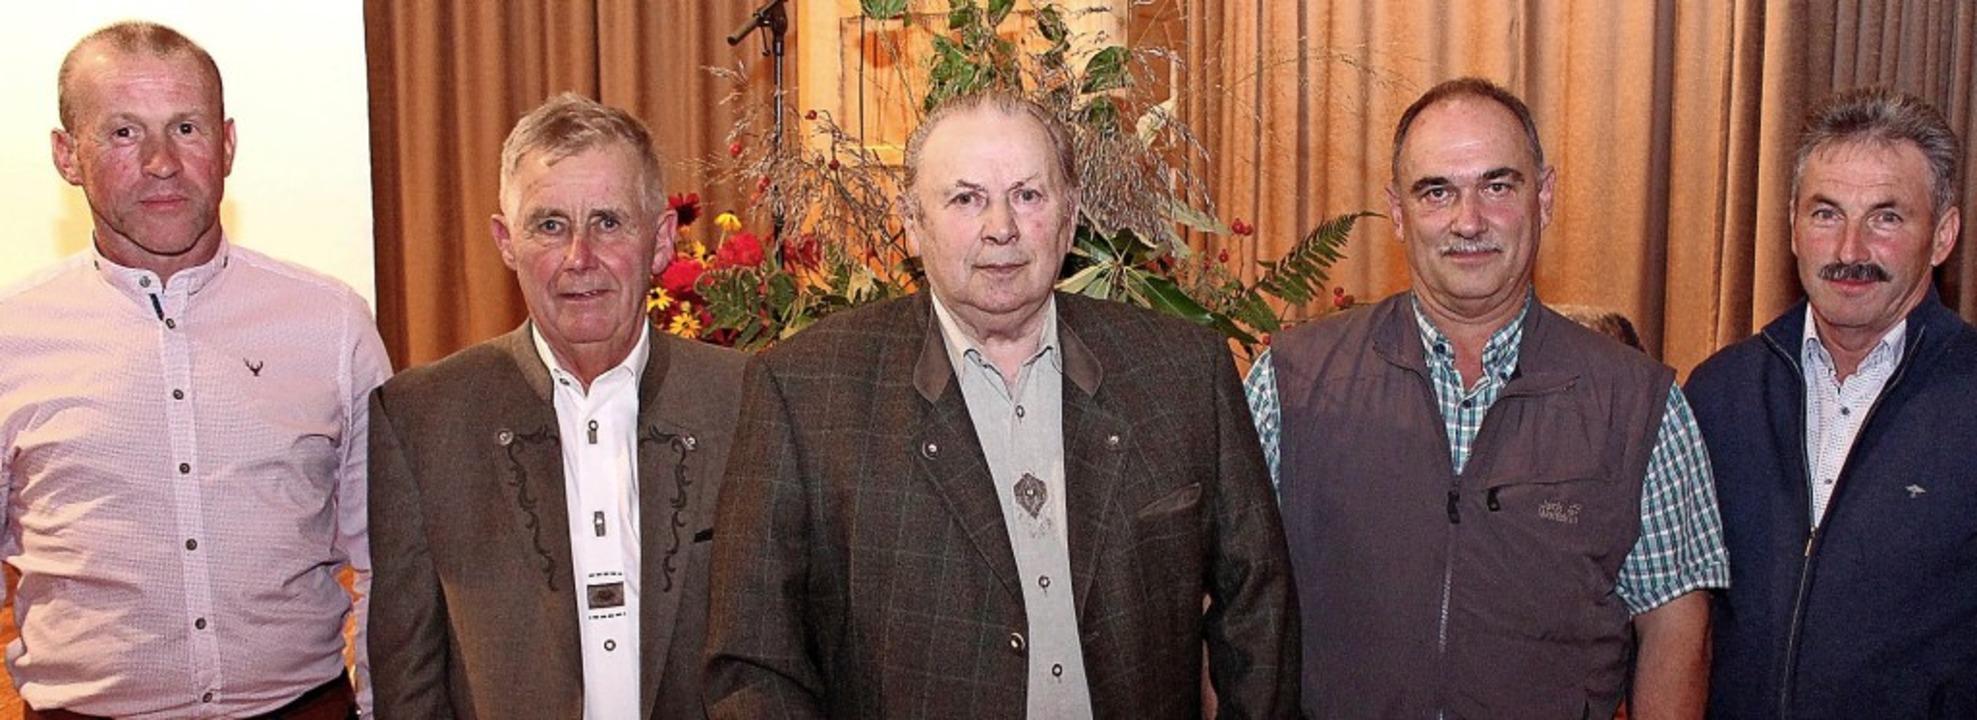 Der Vorsitzende der Forstbetriebsgemei...lle und Karl Beck (von links) geehrt.   | Foto: Reiner Beschorner